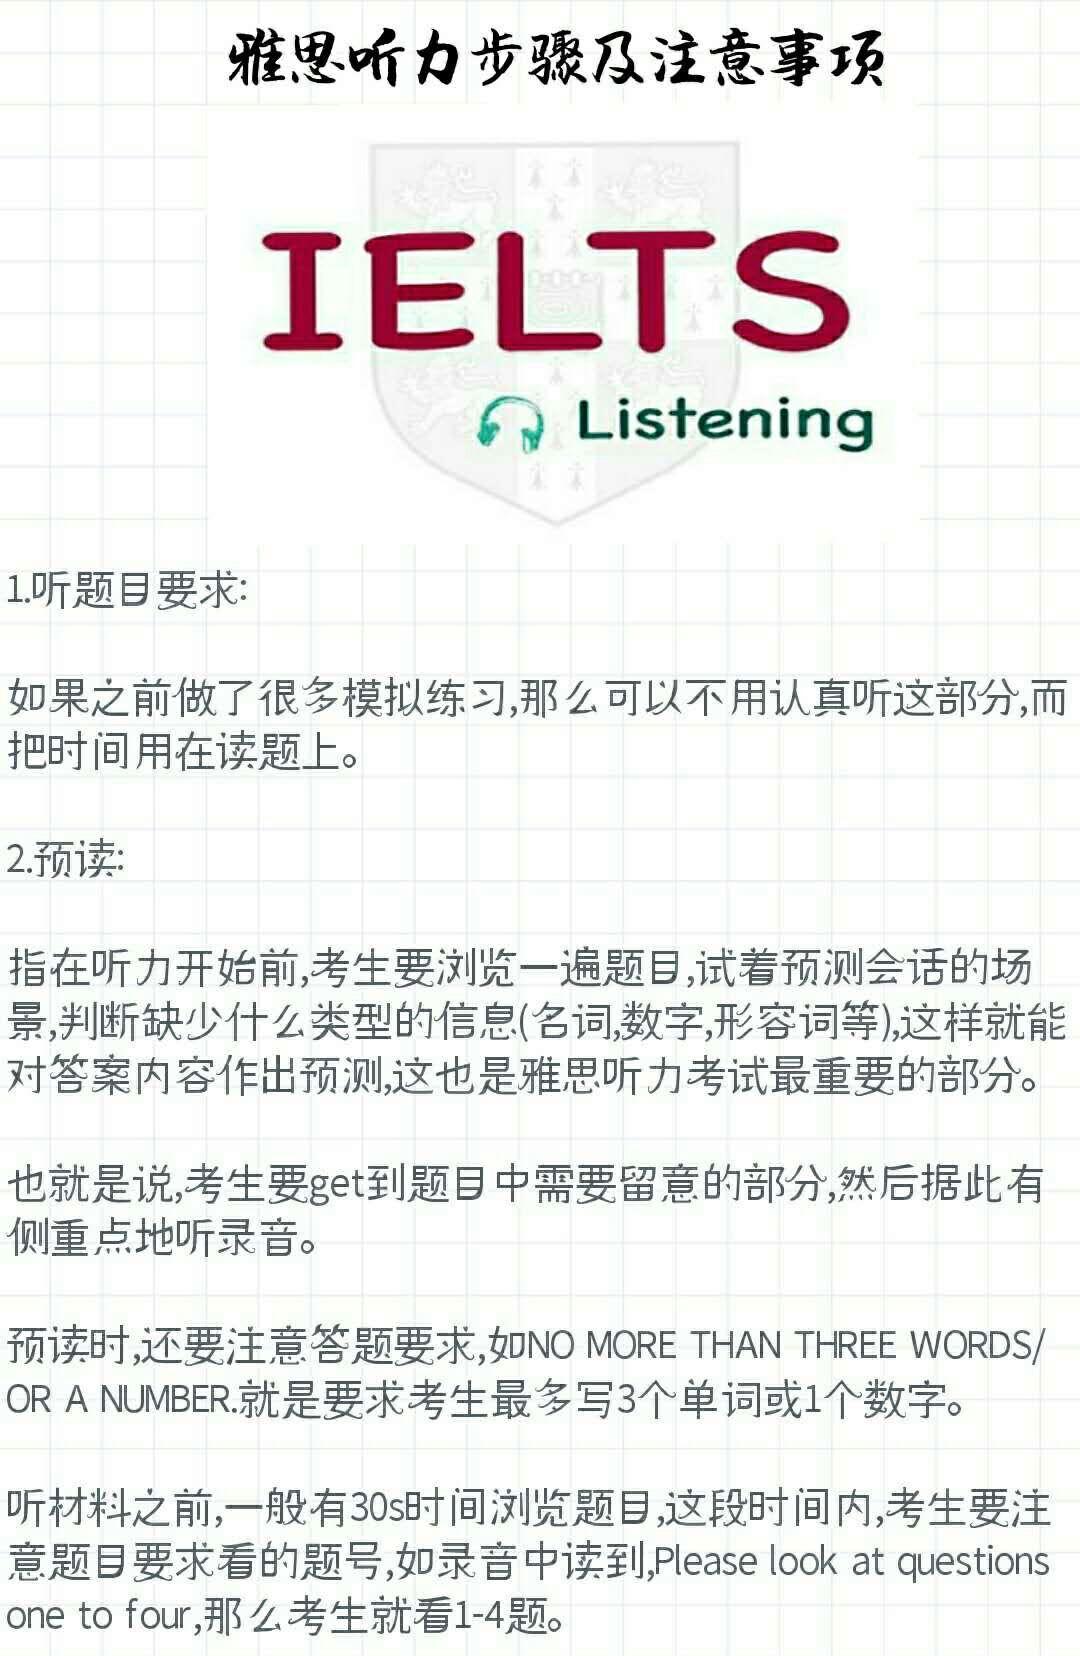 雅思听力步骤及注意事项(听题目要求、预读)